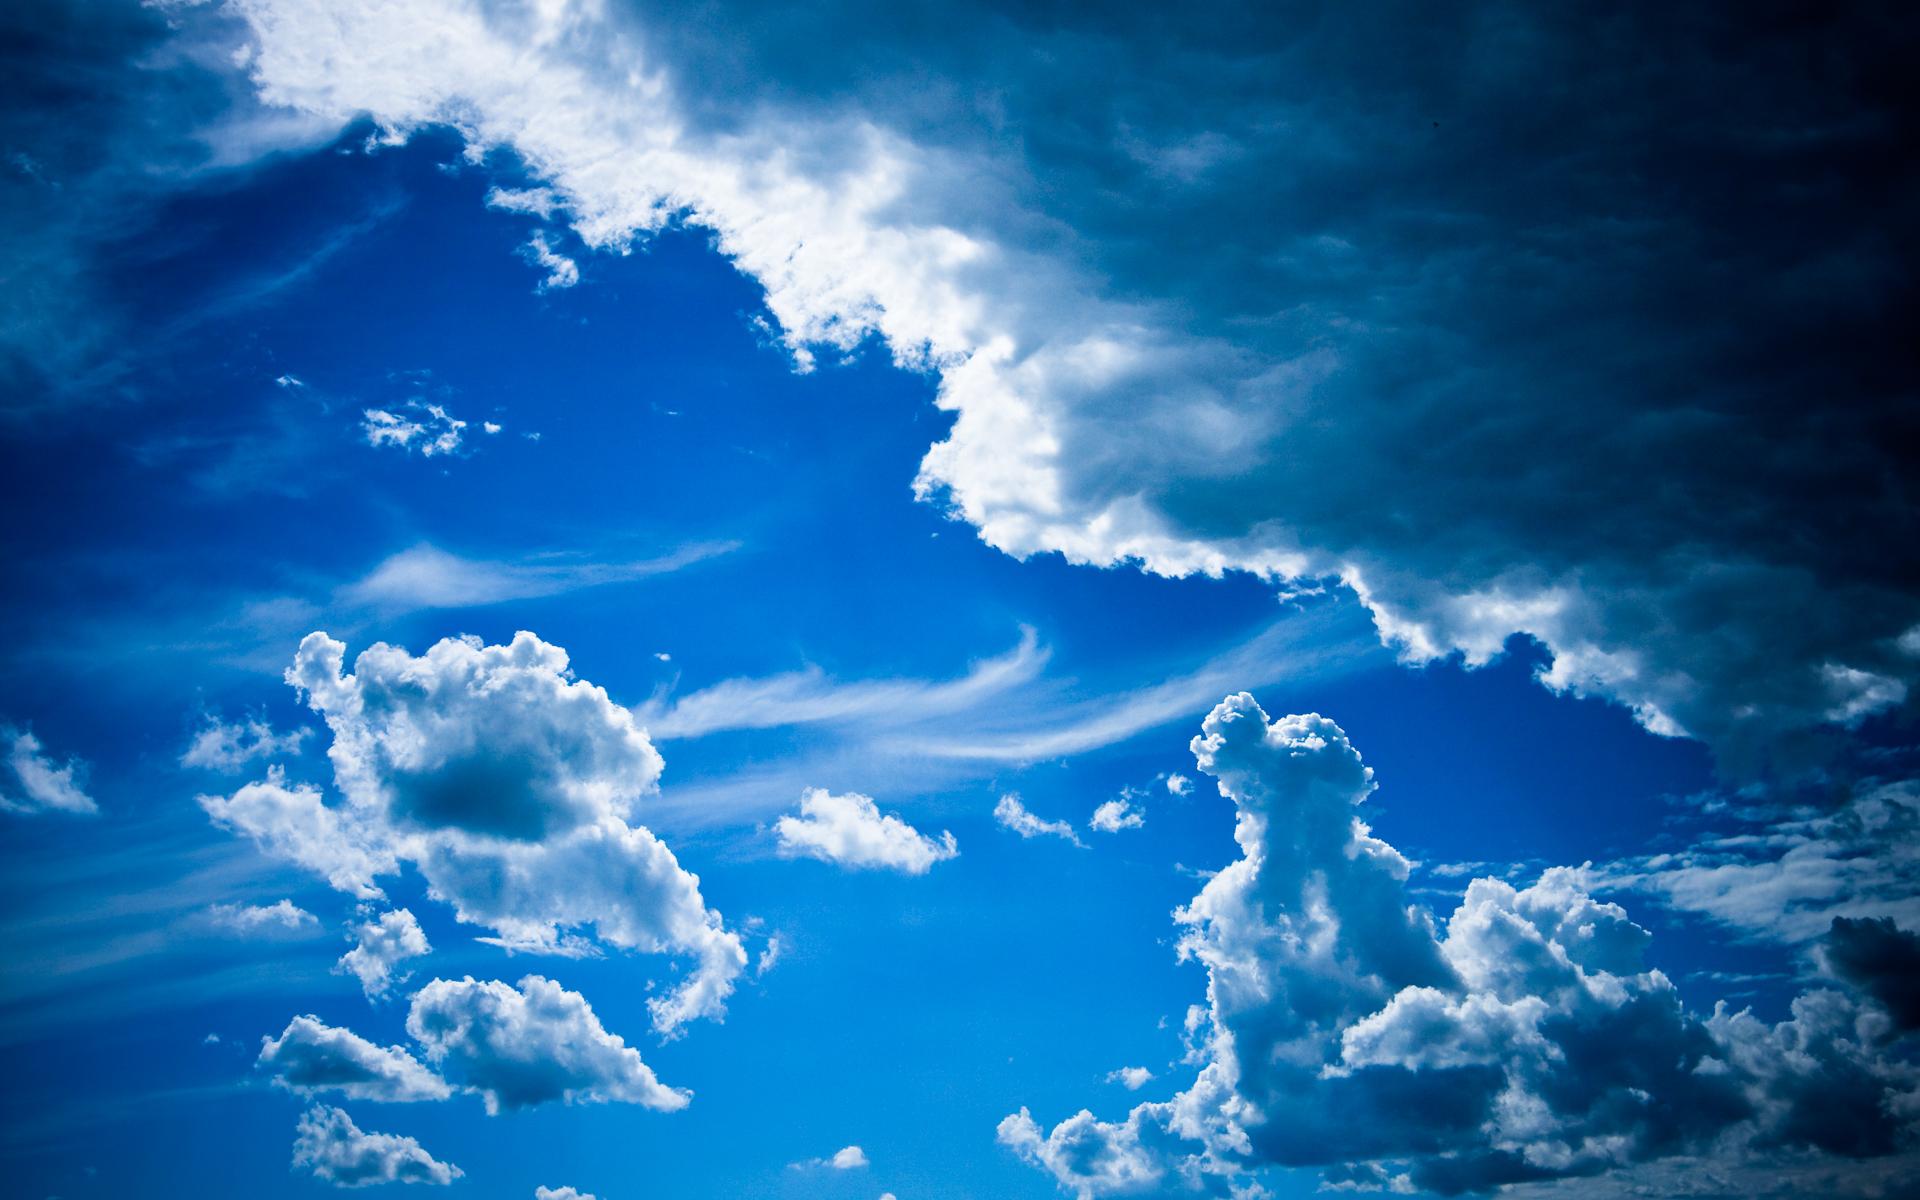 всего облака картинки качественные решили, что самом